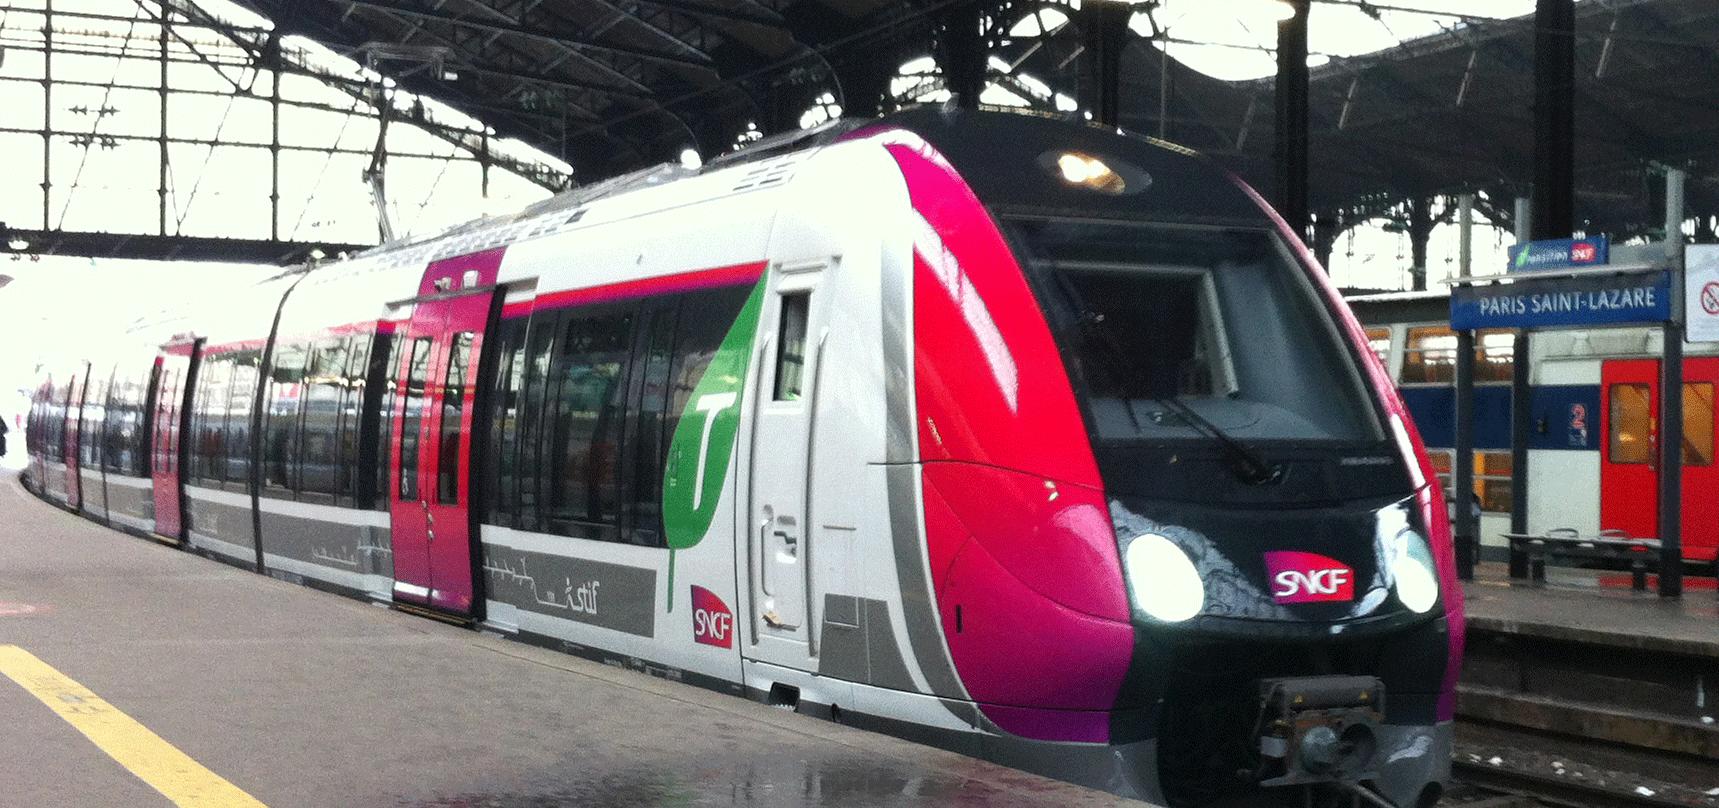 Thalès maintiendra le matériel de validation des titres de transport Transilien de la SNCF